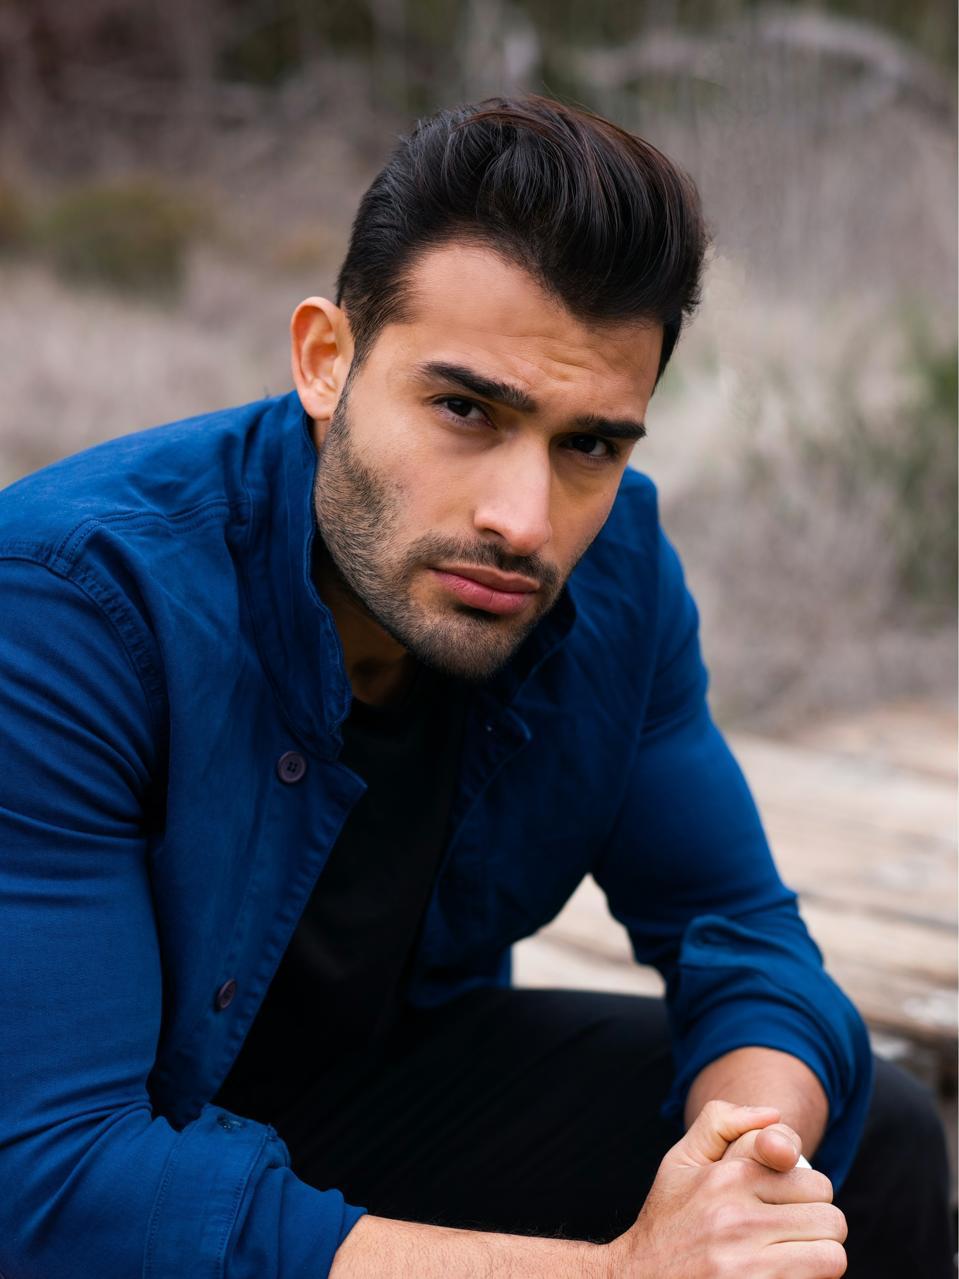 Sam Asghari photo shoot in 2021